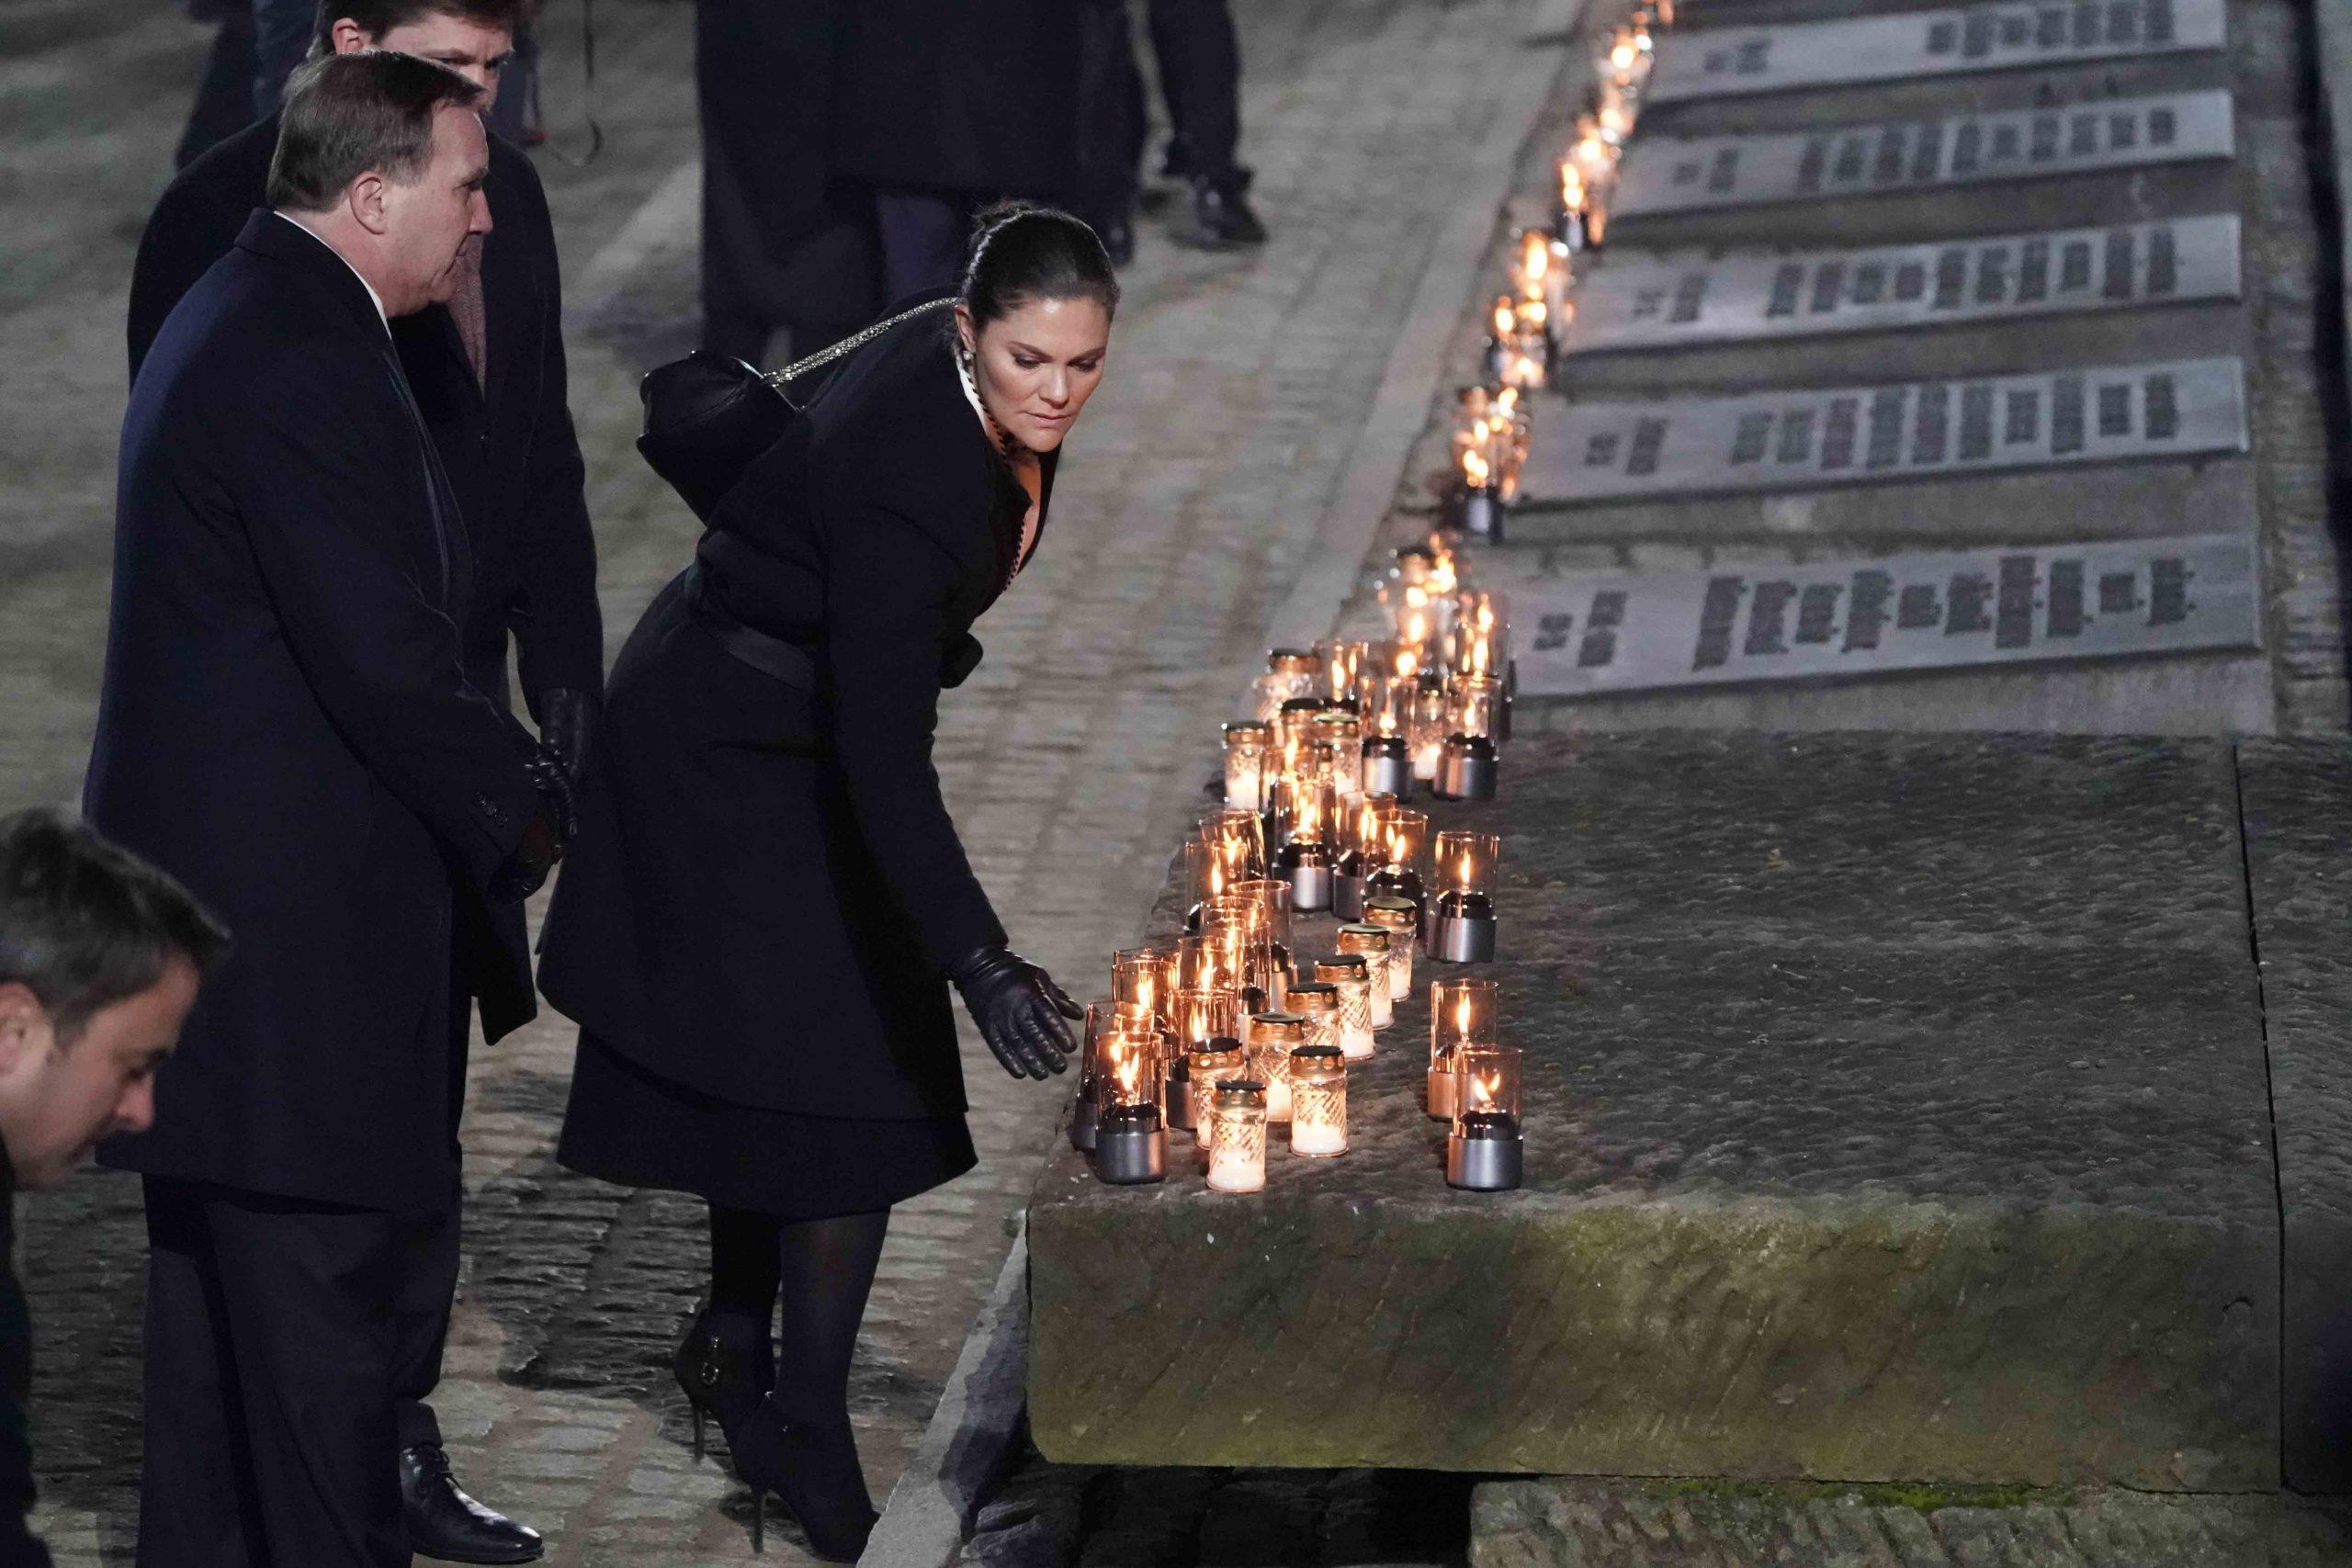 Kroonprinses-en-minister-president-van-Zweden-aanwezig-in-Polen-Auschwitz-herdenking